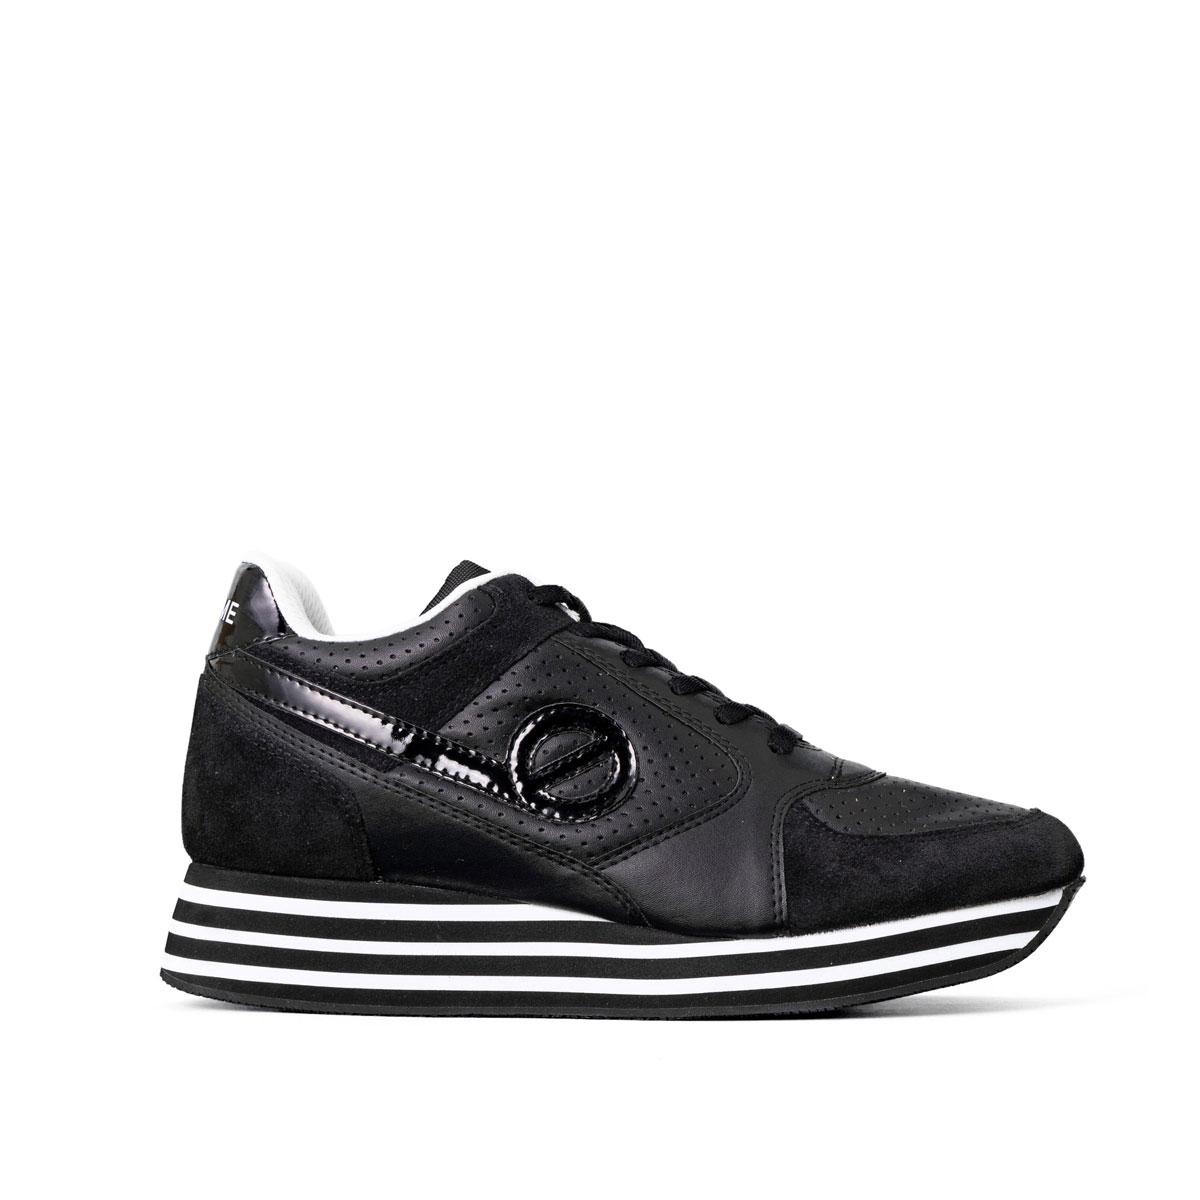 [一部サイズ予約販売]NO NAME[ノーネーム] [スニーカー] PARKO-01156-BLACK パルコ ブラック 黒、ブラック、厚底